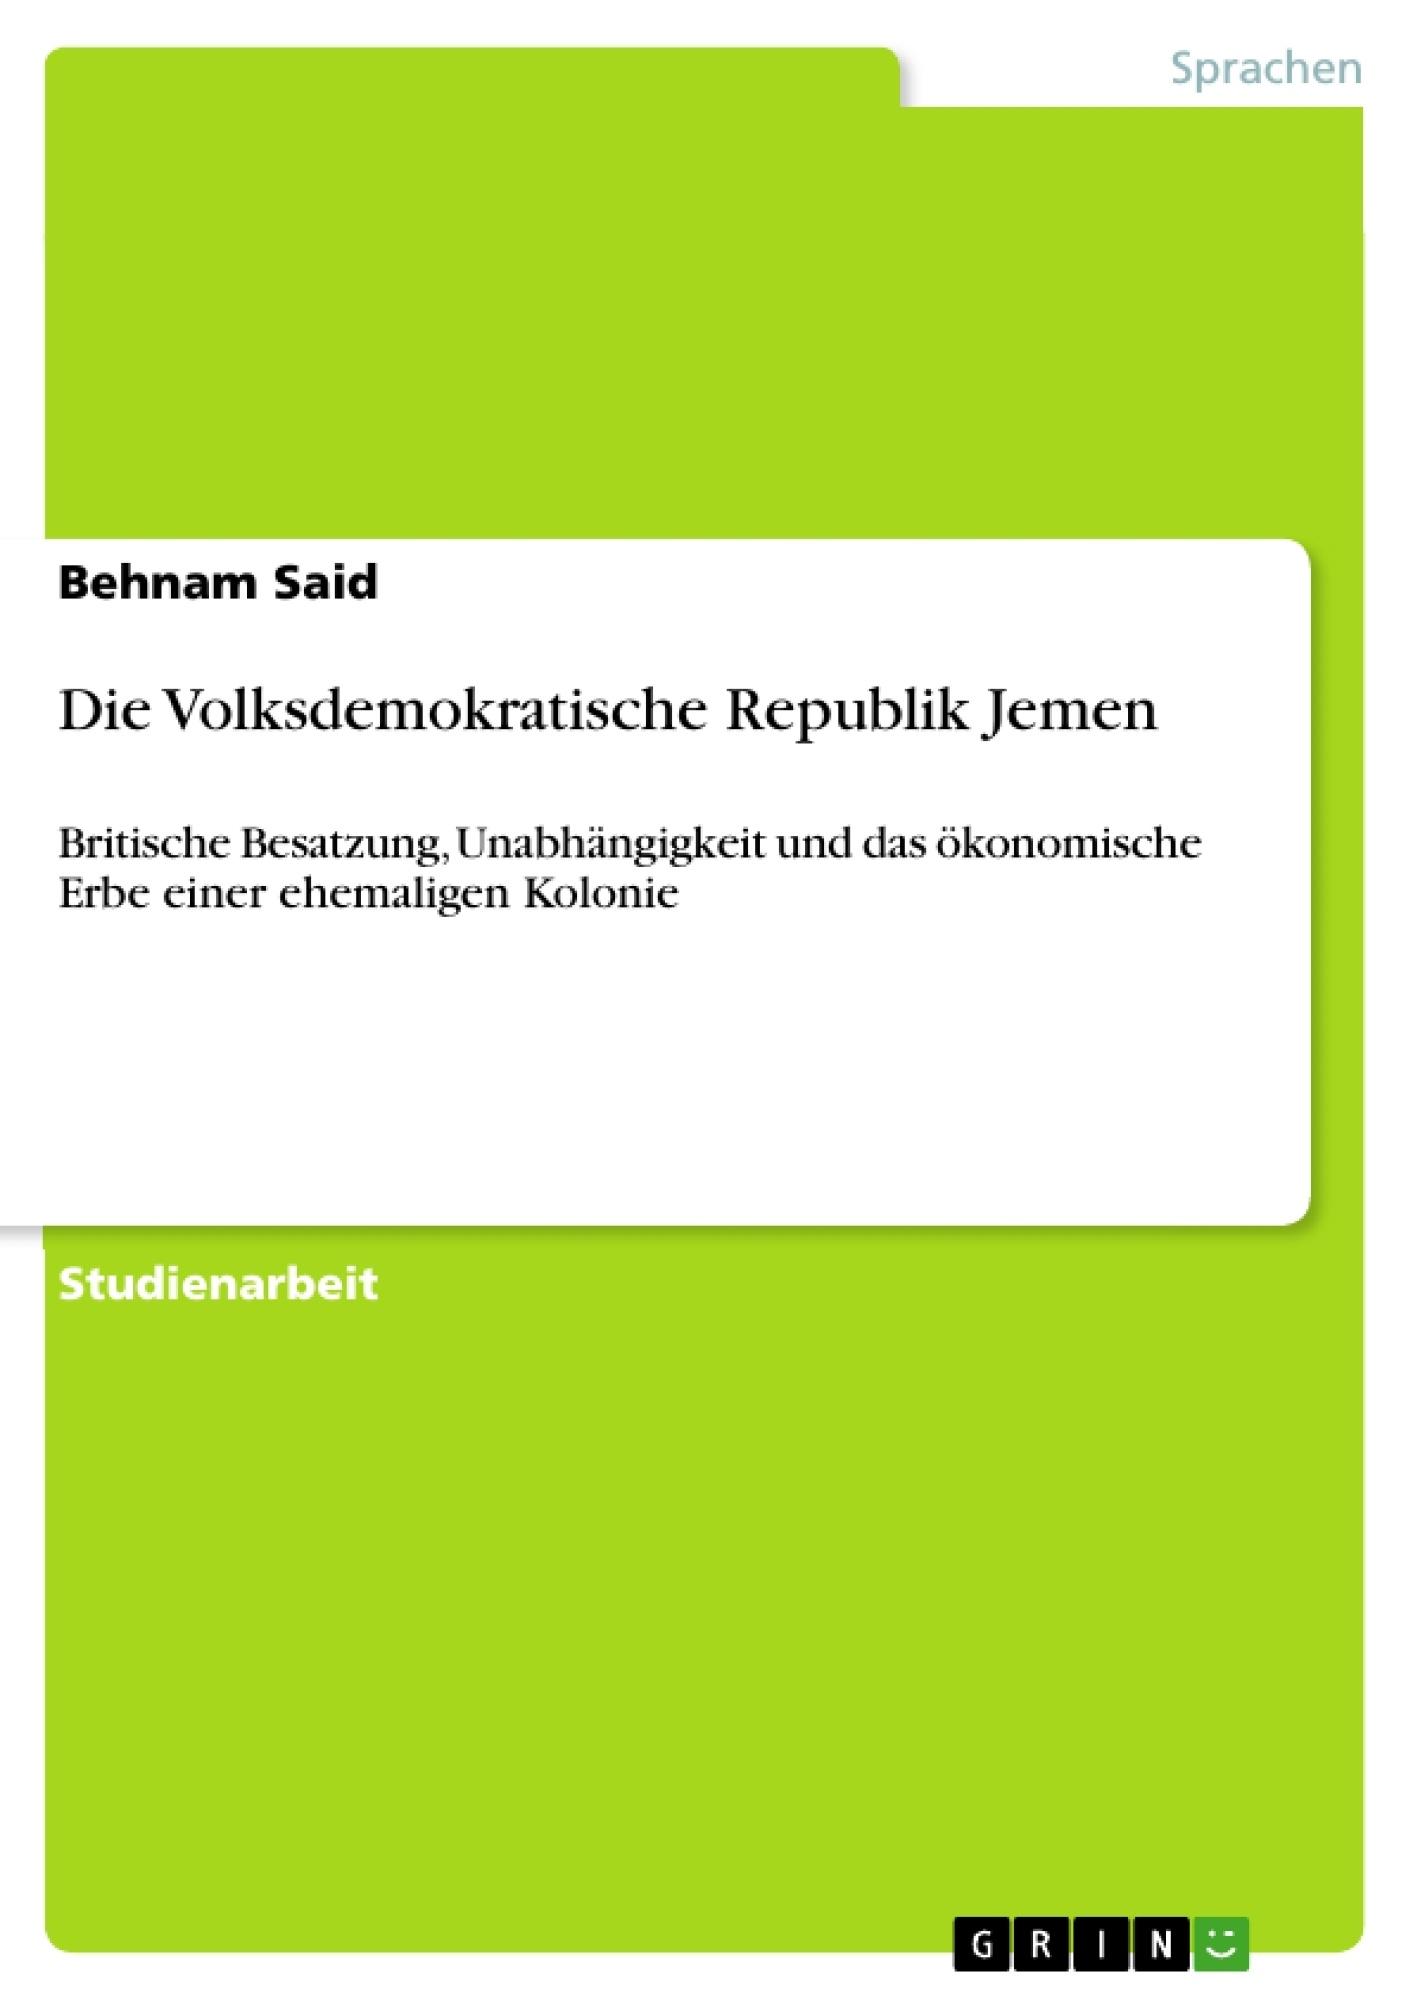 Titel: Die Volksdemokratische Republik Jemen